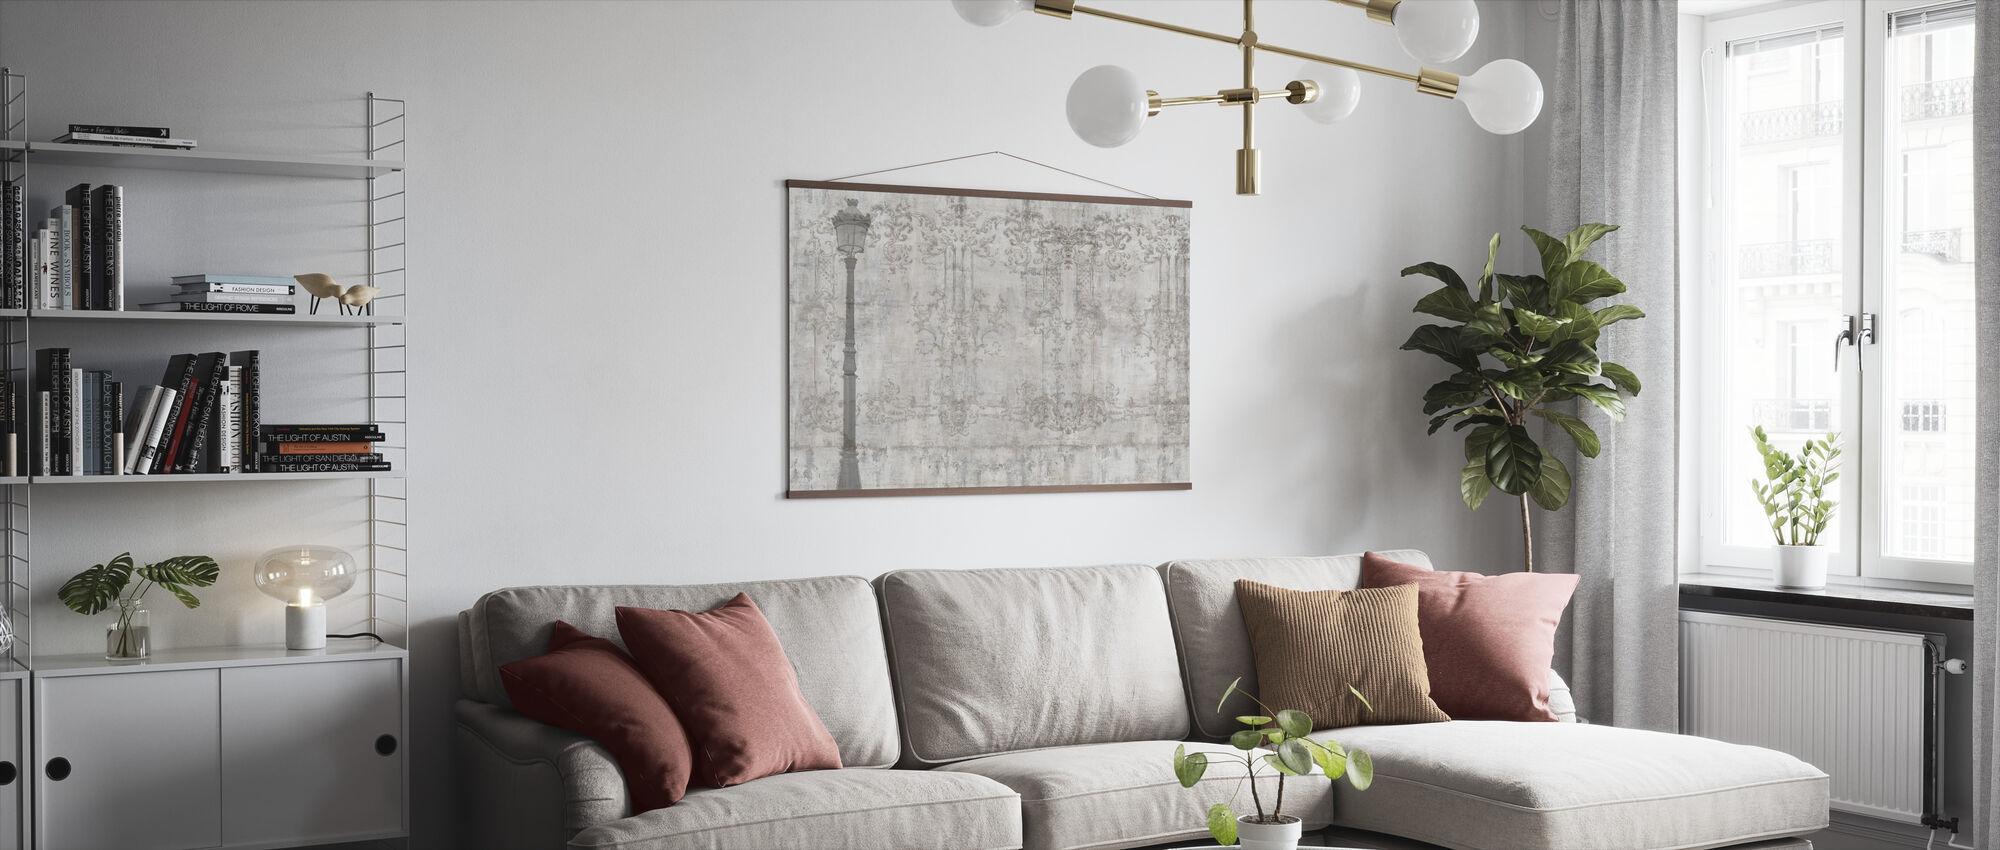 Reminiscence Series Lightpost - Poster - Living Room